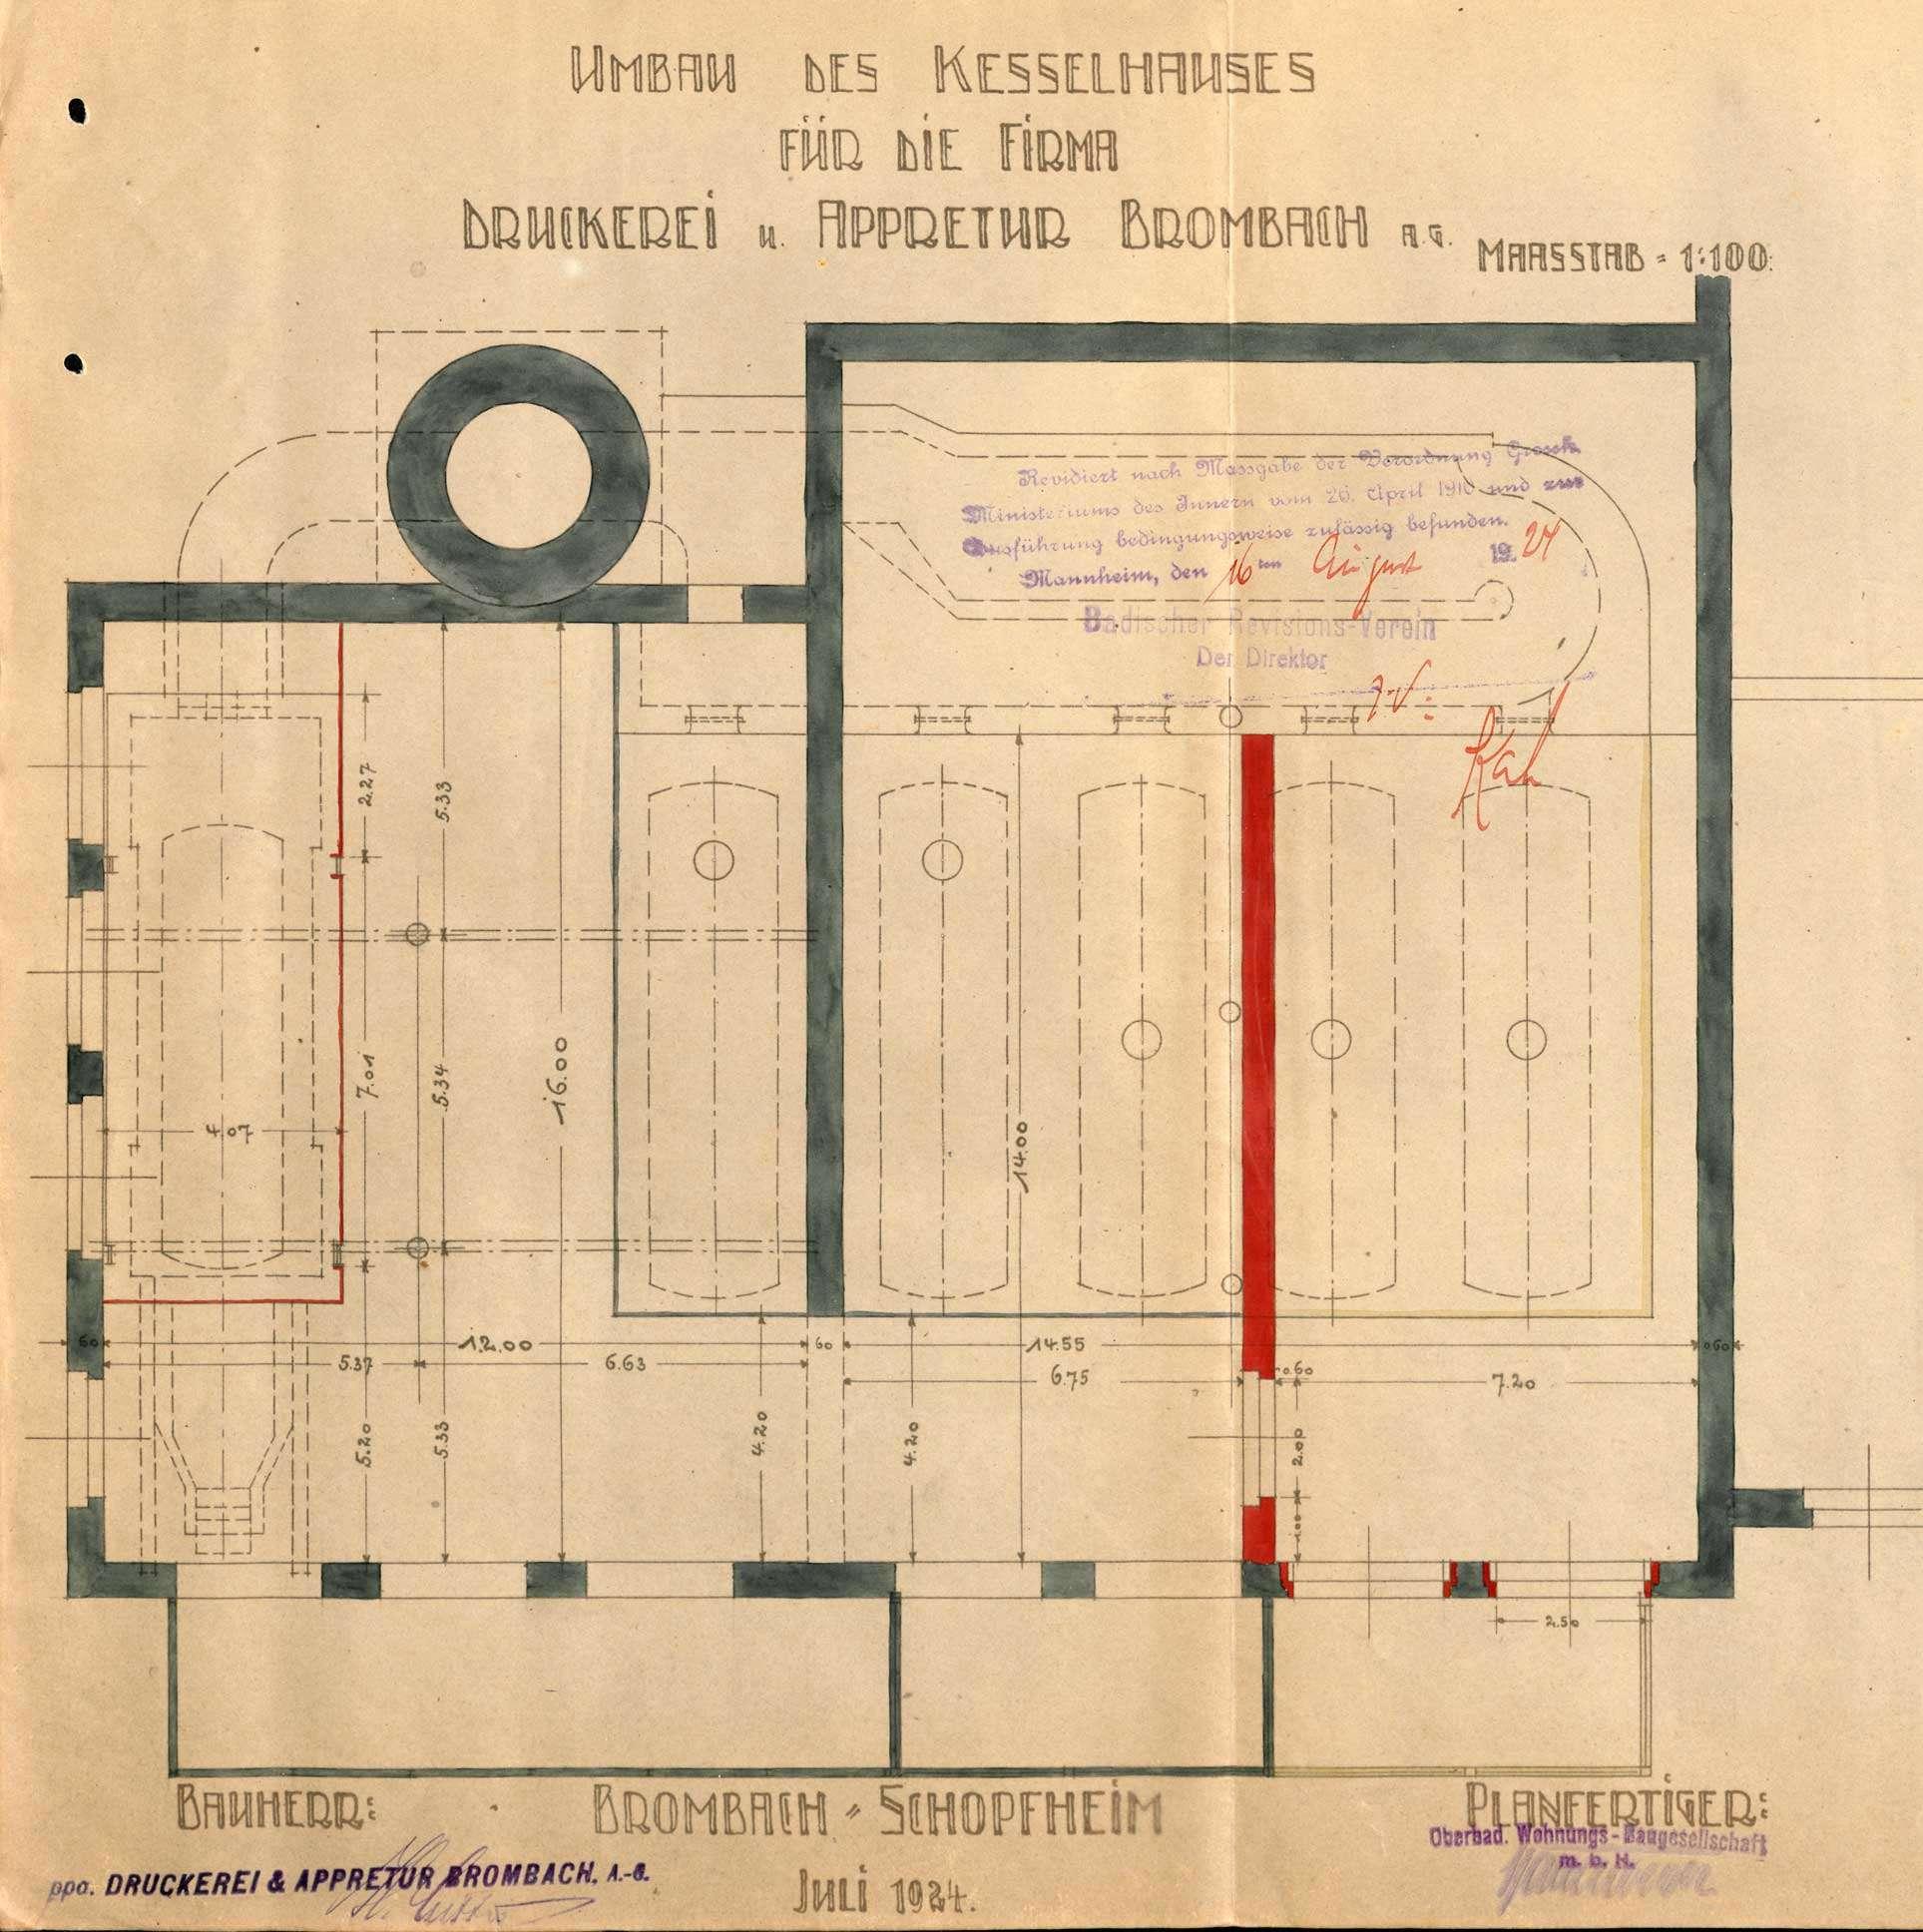 Gesuch der Fa. Druckerei und Appretur in Brombach GmbH um Erlaubnis zur Anlegung eines Dampfkessels, Bild 2